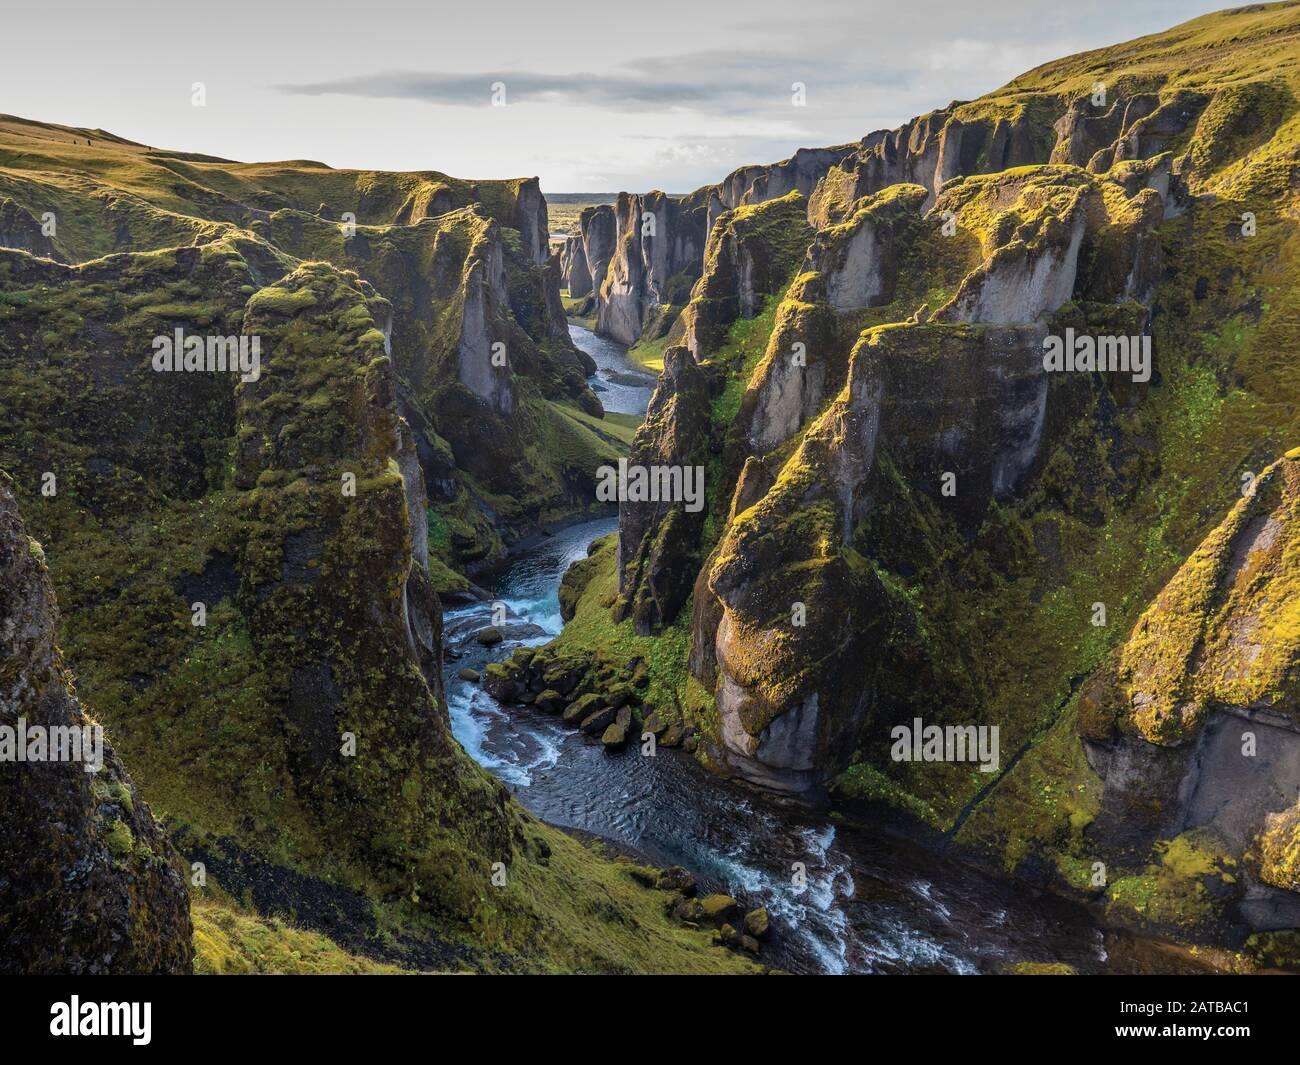 Ein Blick in die Schlucht Fjaðrárgljúfur in Island. Ein traumhafter Moment zum Sonnenuntergang. Durch die langen Schatten wirkt es noch imposanter. Stock Photo